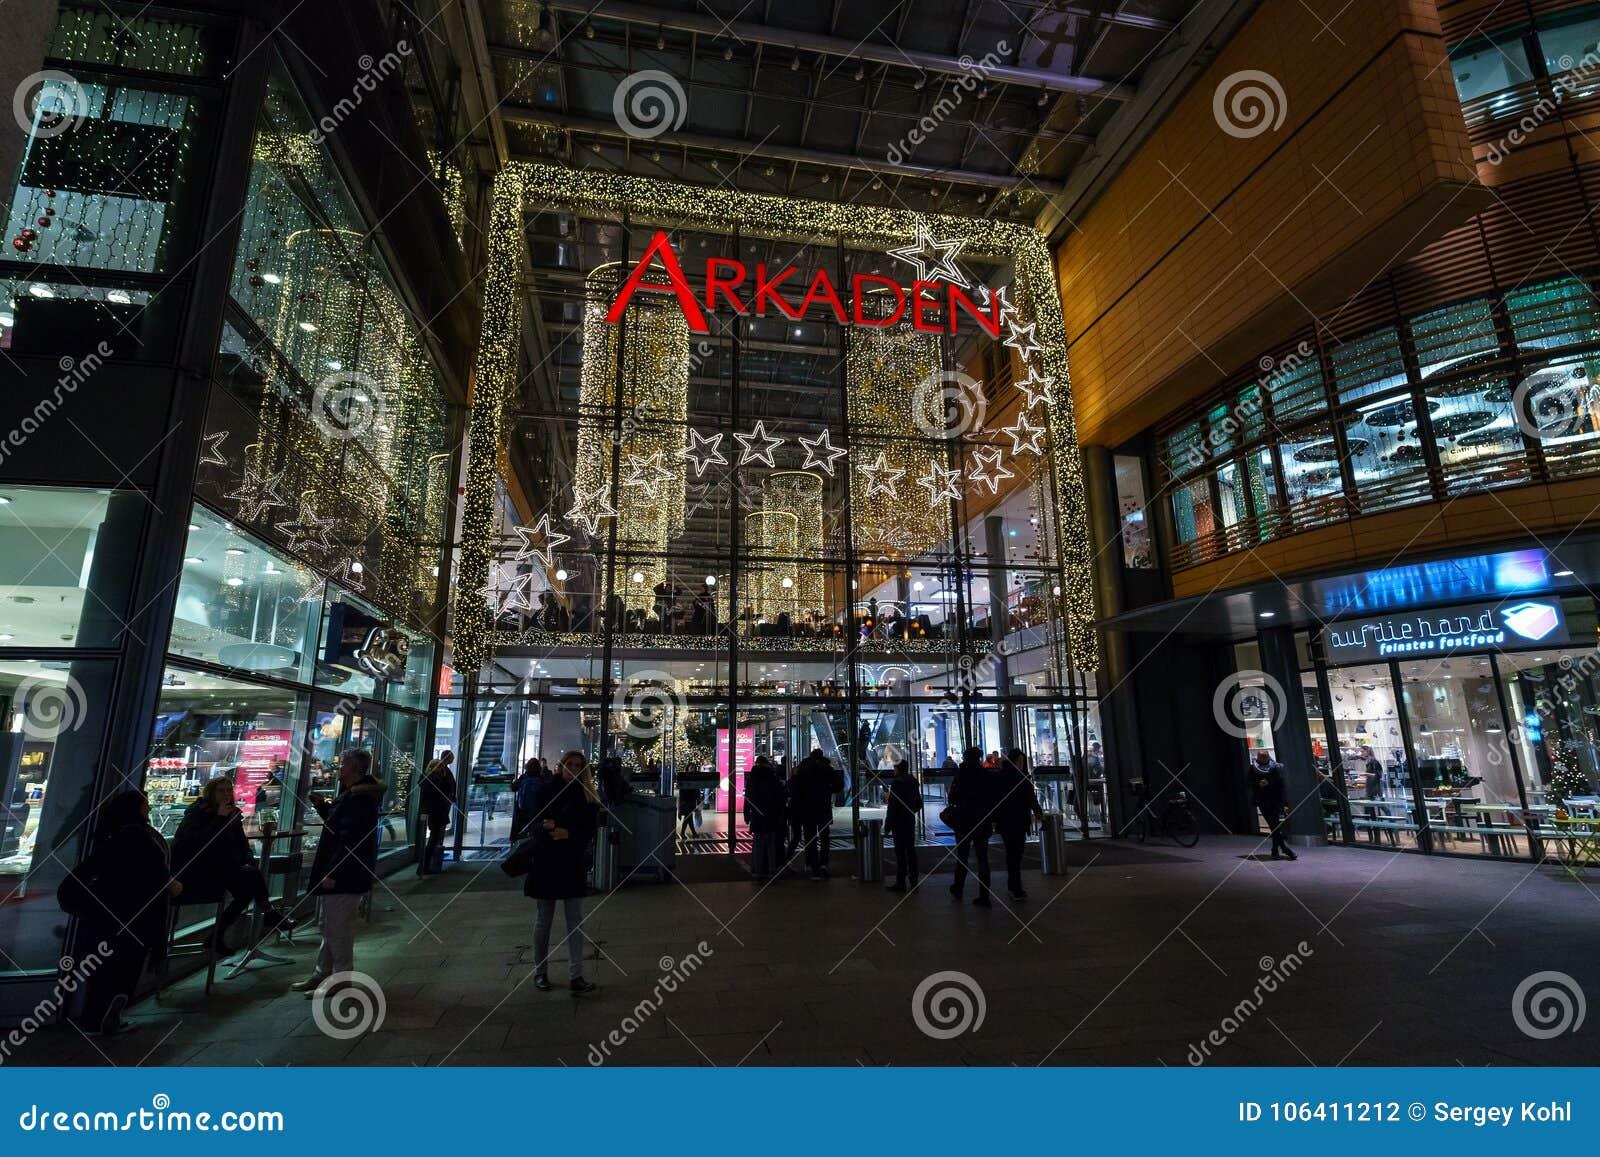 Moderne Weihnachtsbeleuchtung.Neues Und Modernes Einkaufszentrum Arkaden Bei Potsdamer Platz